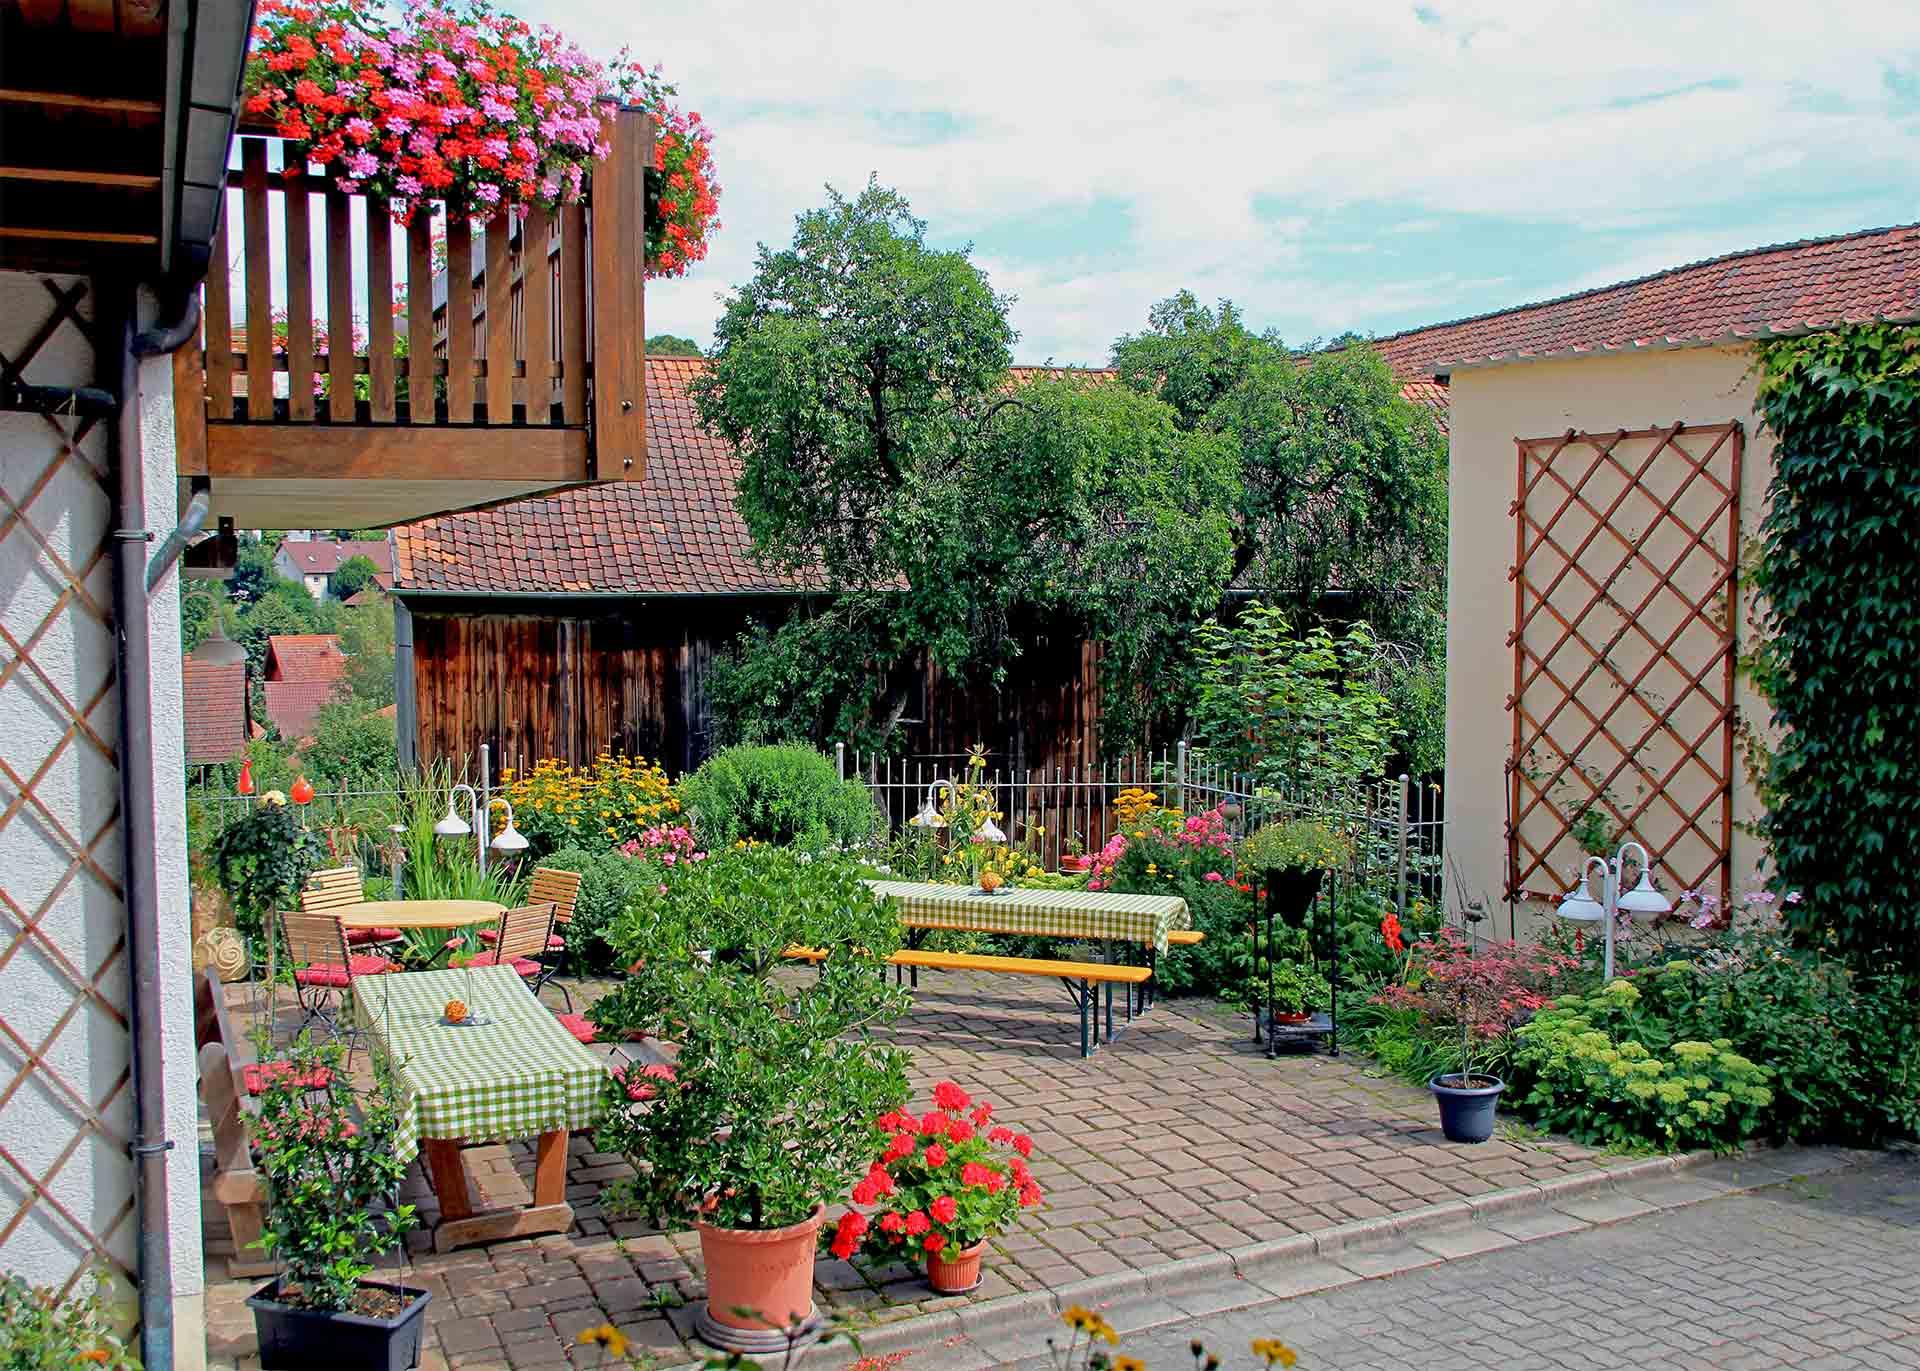 Biergarten in Kulmbach